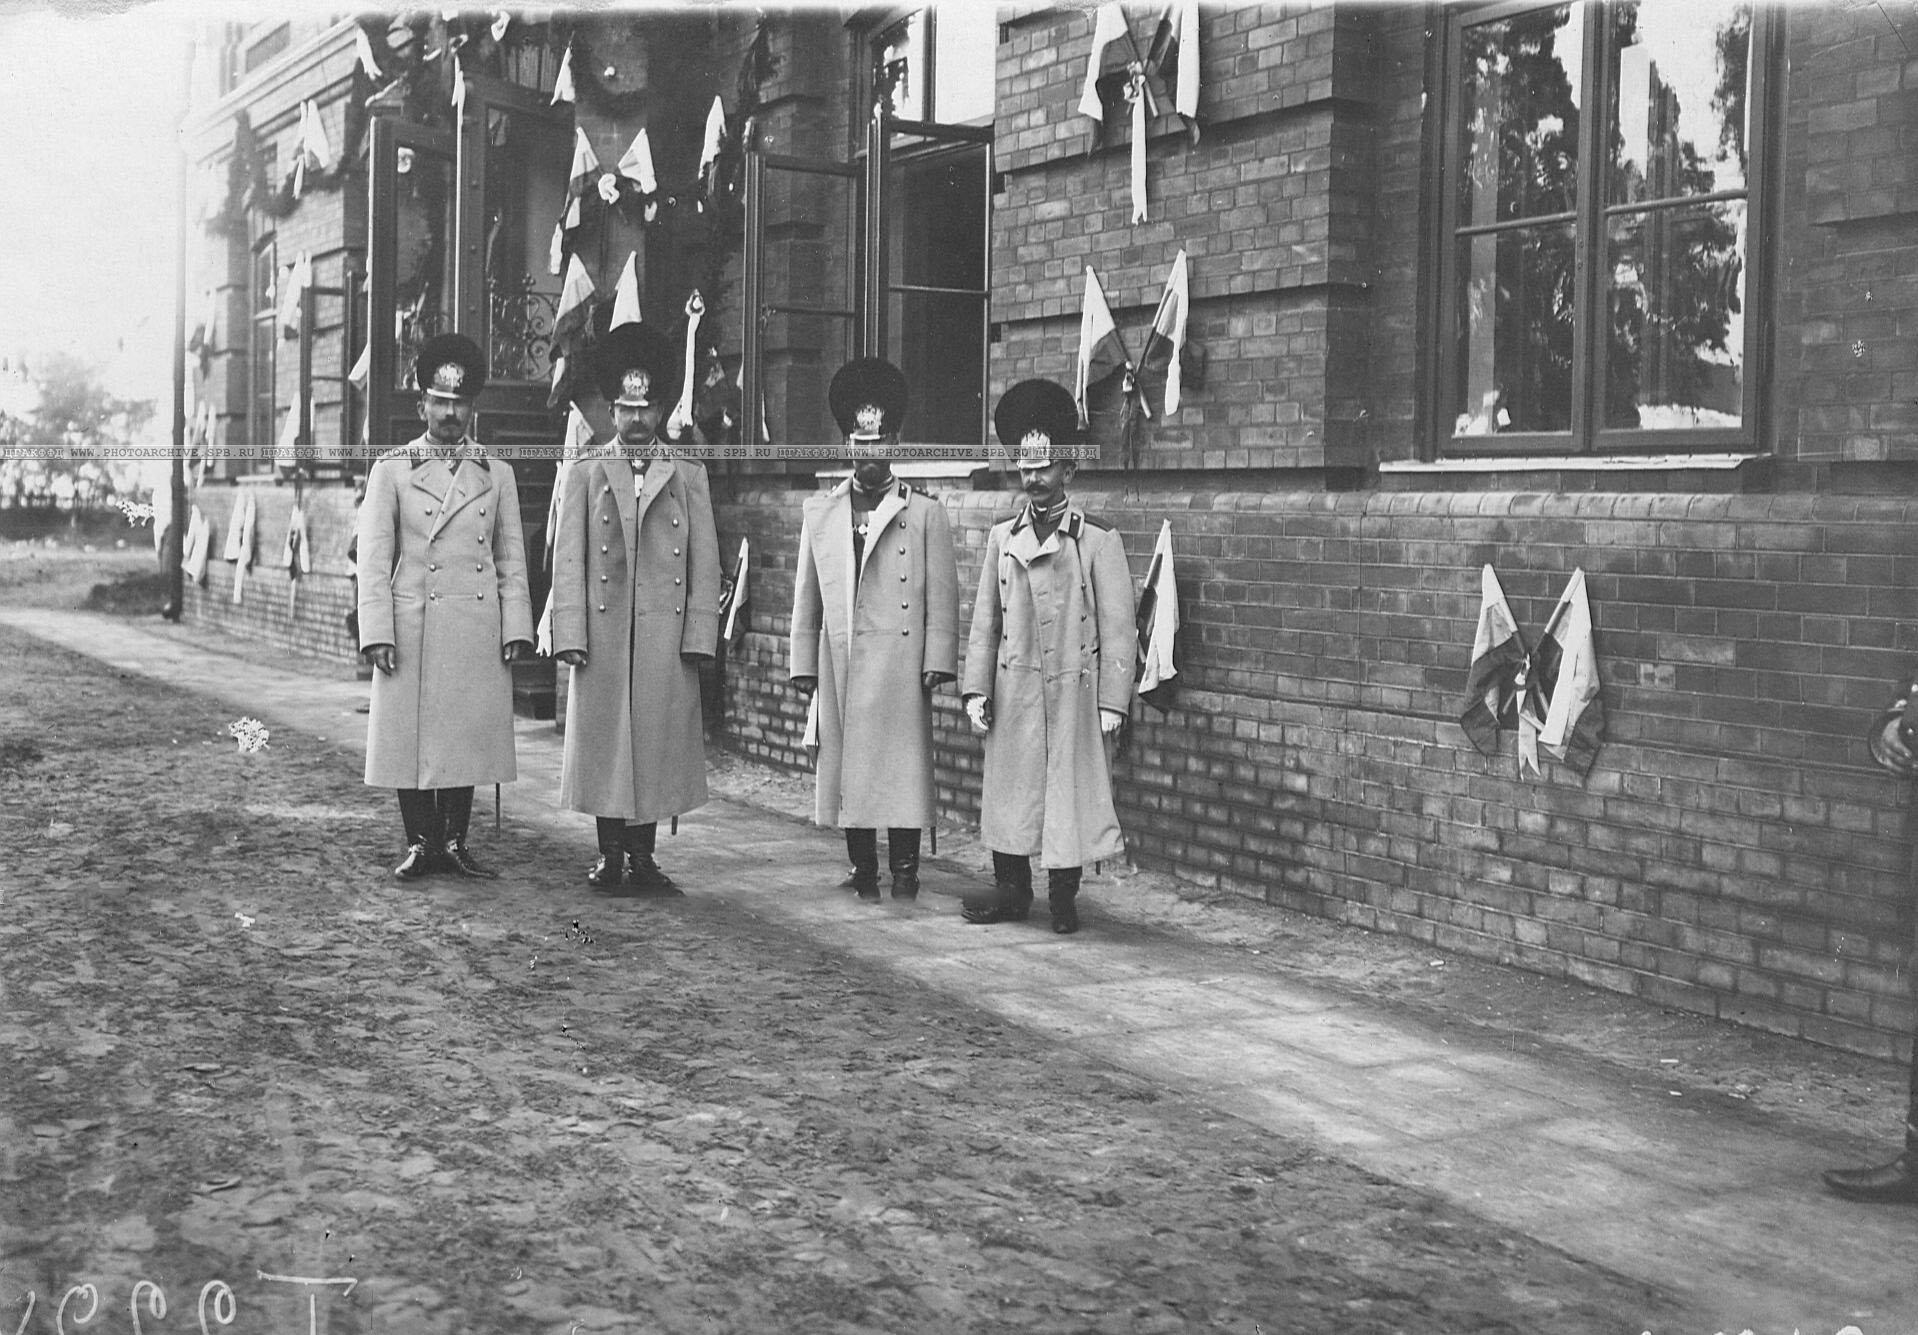 Группа офицеров Конно-гренадерского полка, прибывшая на празднование 250-летнего юбилея Уланского полка